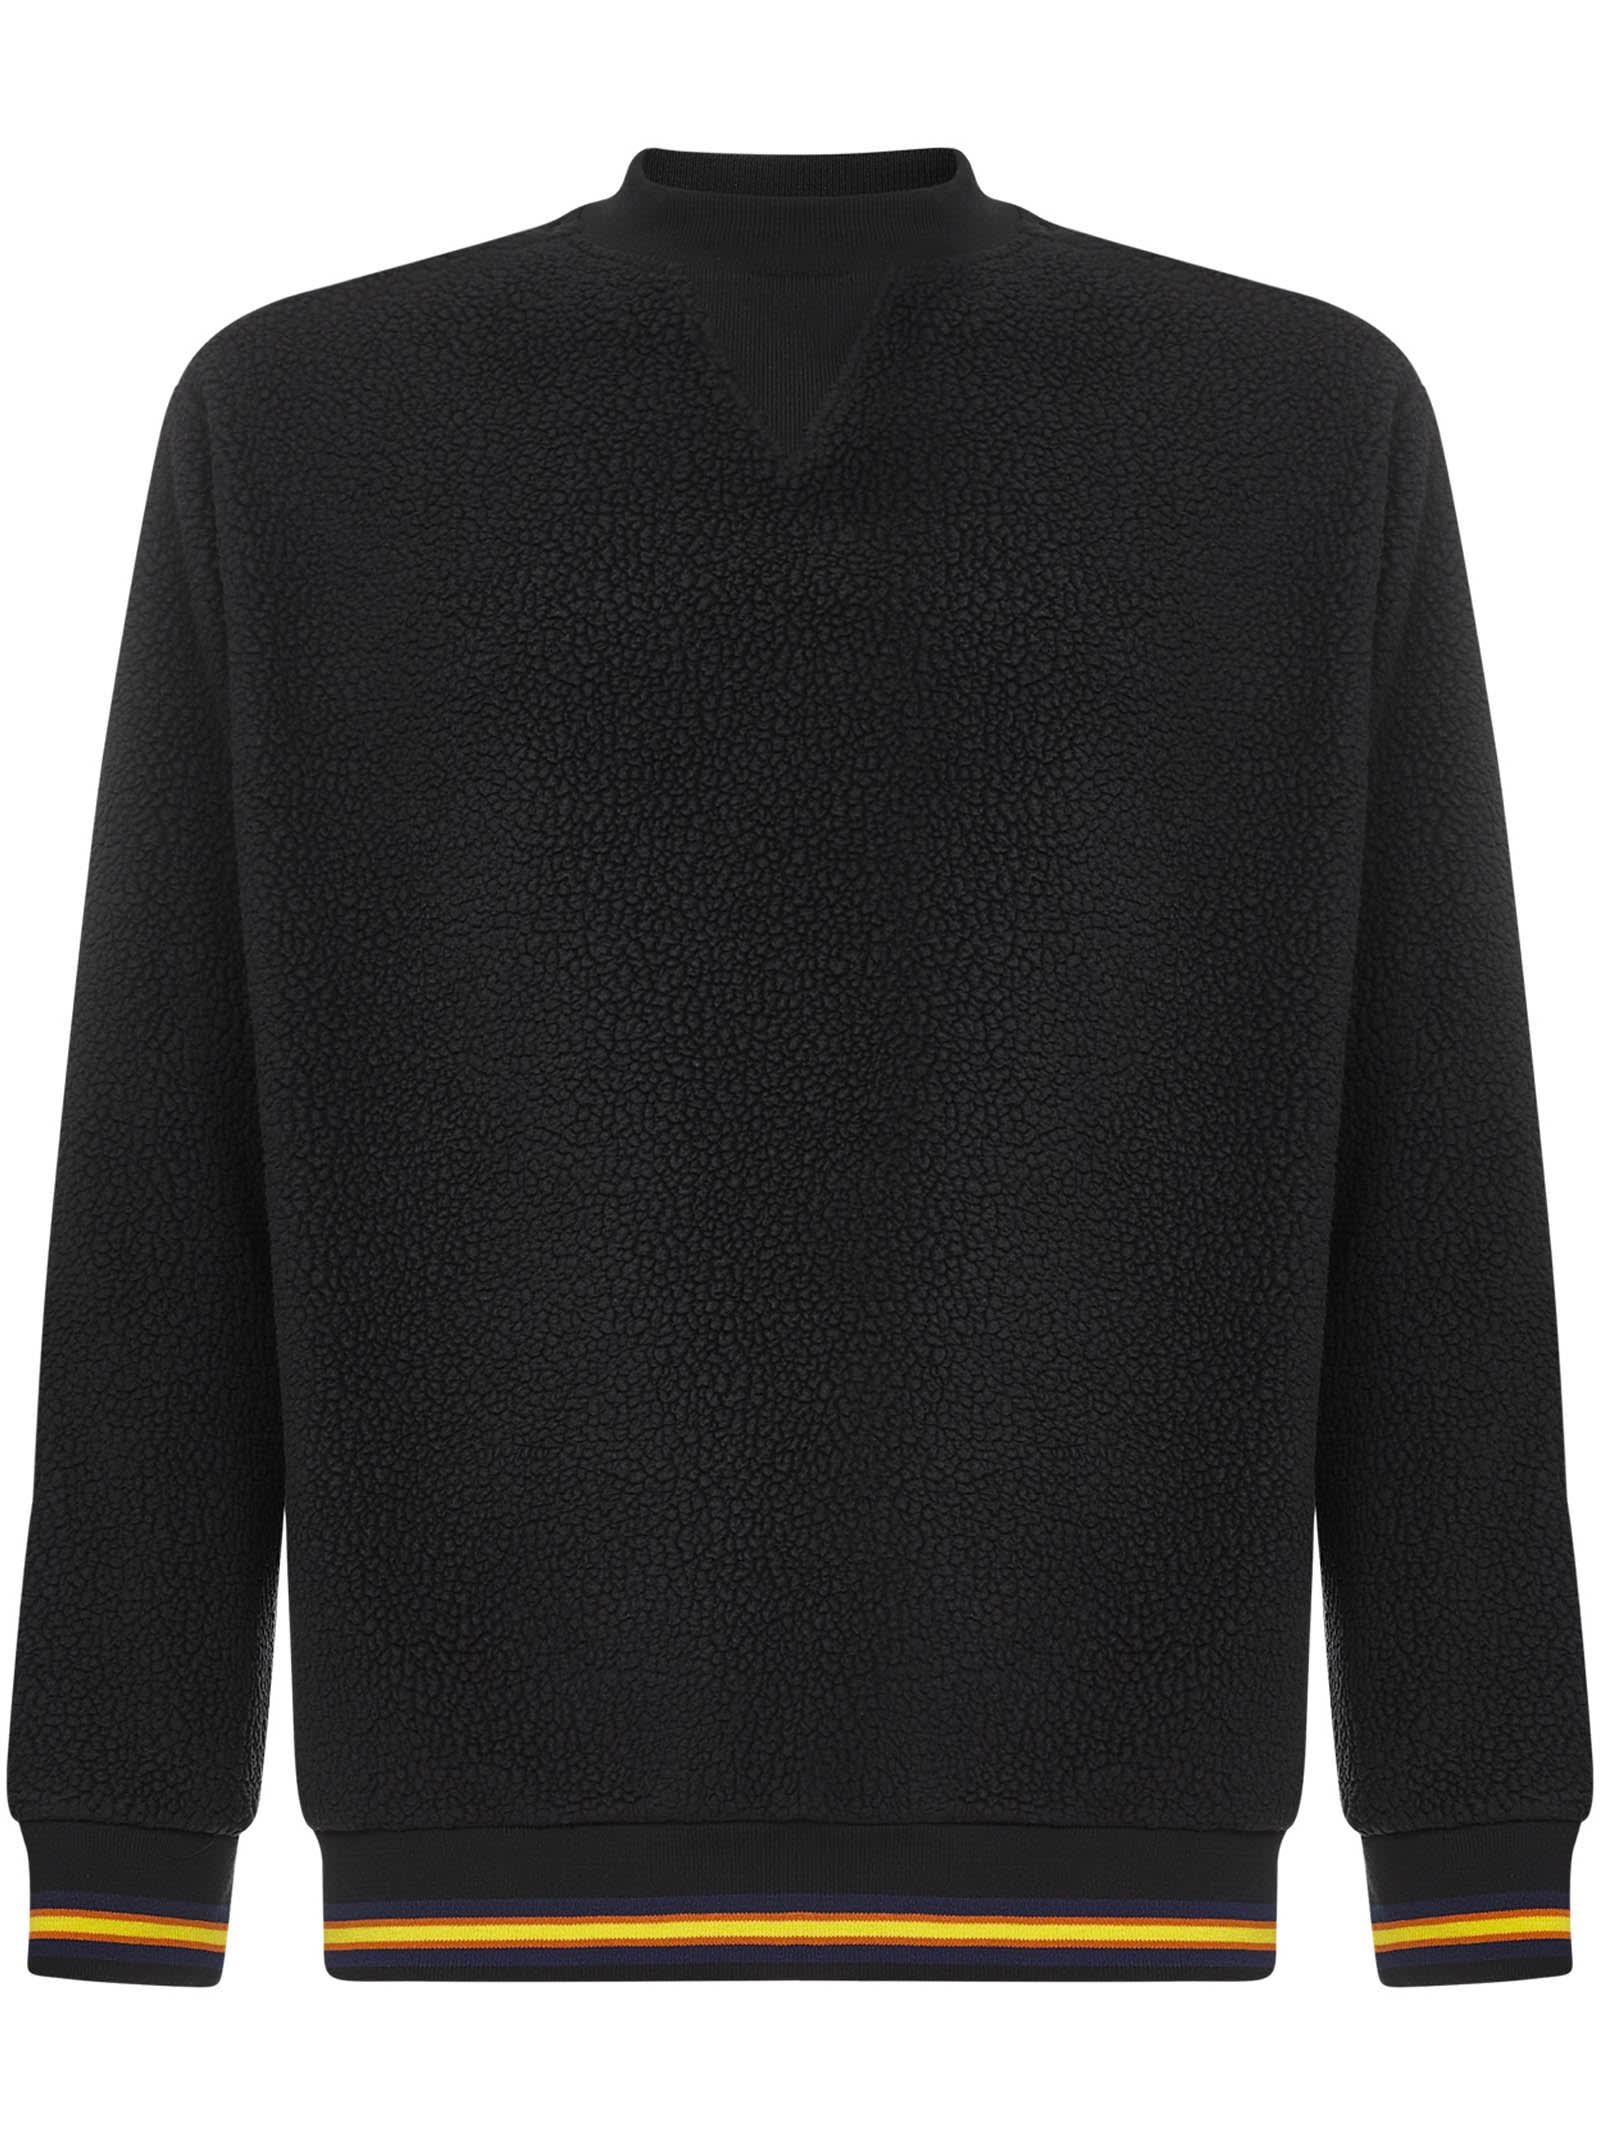 Hans Sweatshirt